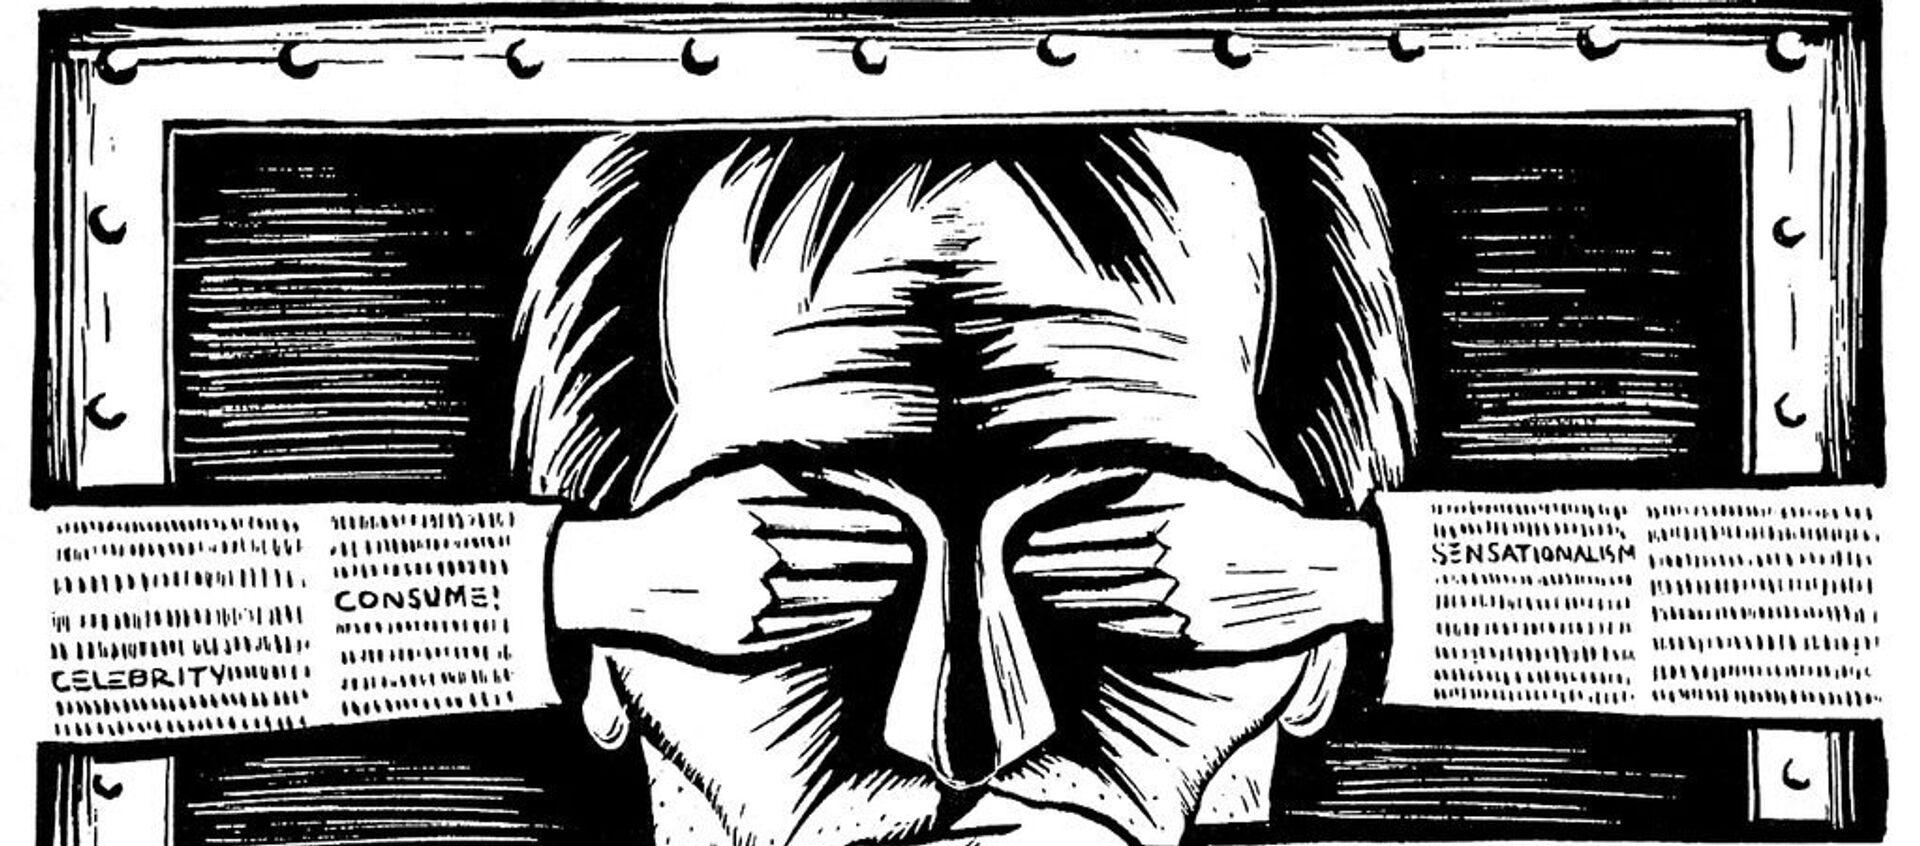 Цензура - Sputnik Србија, 1920, 27.06.2020